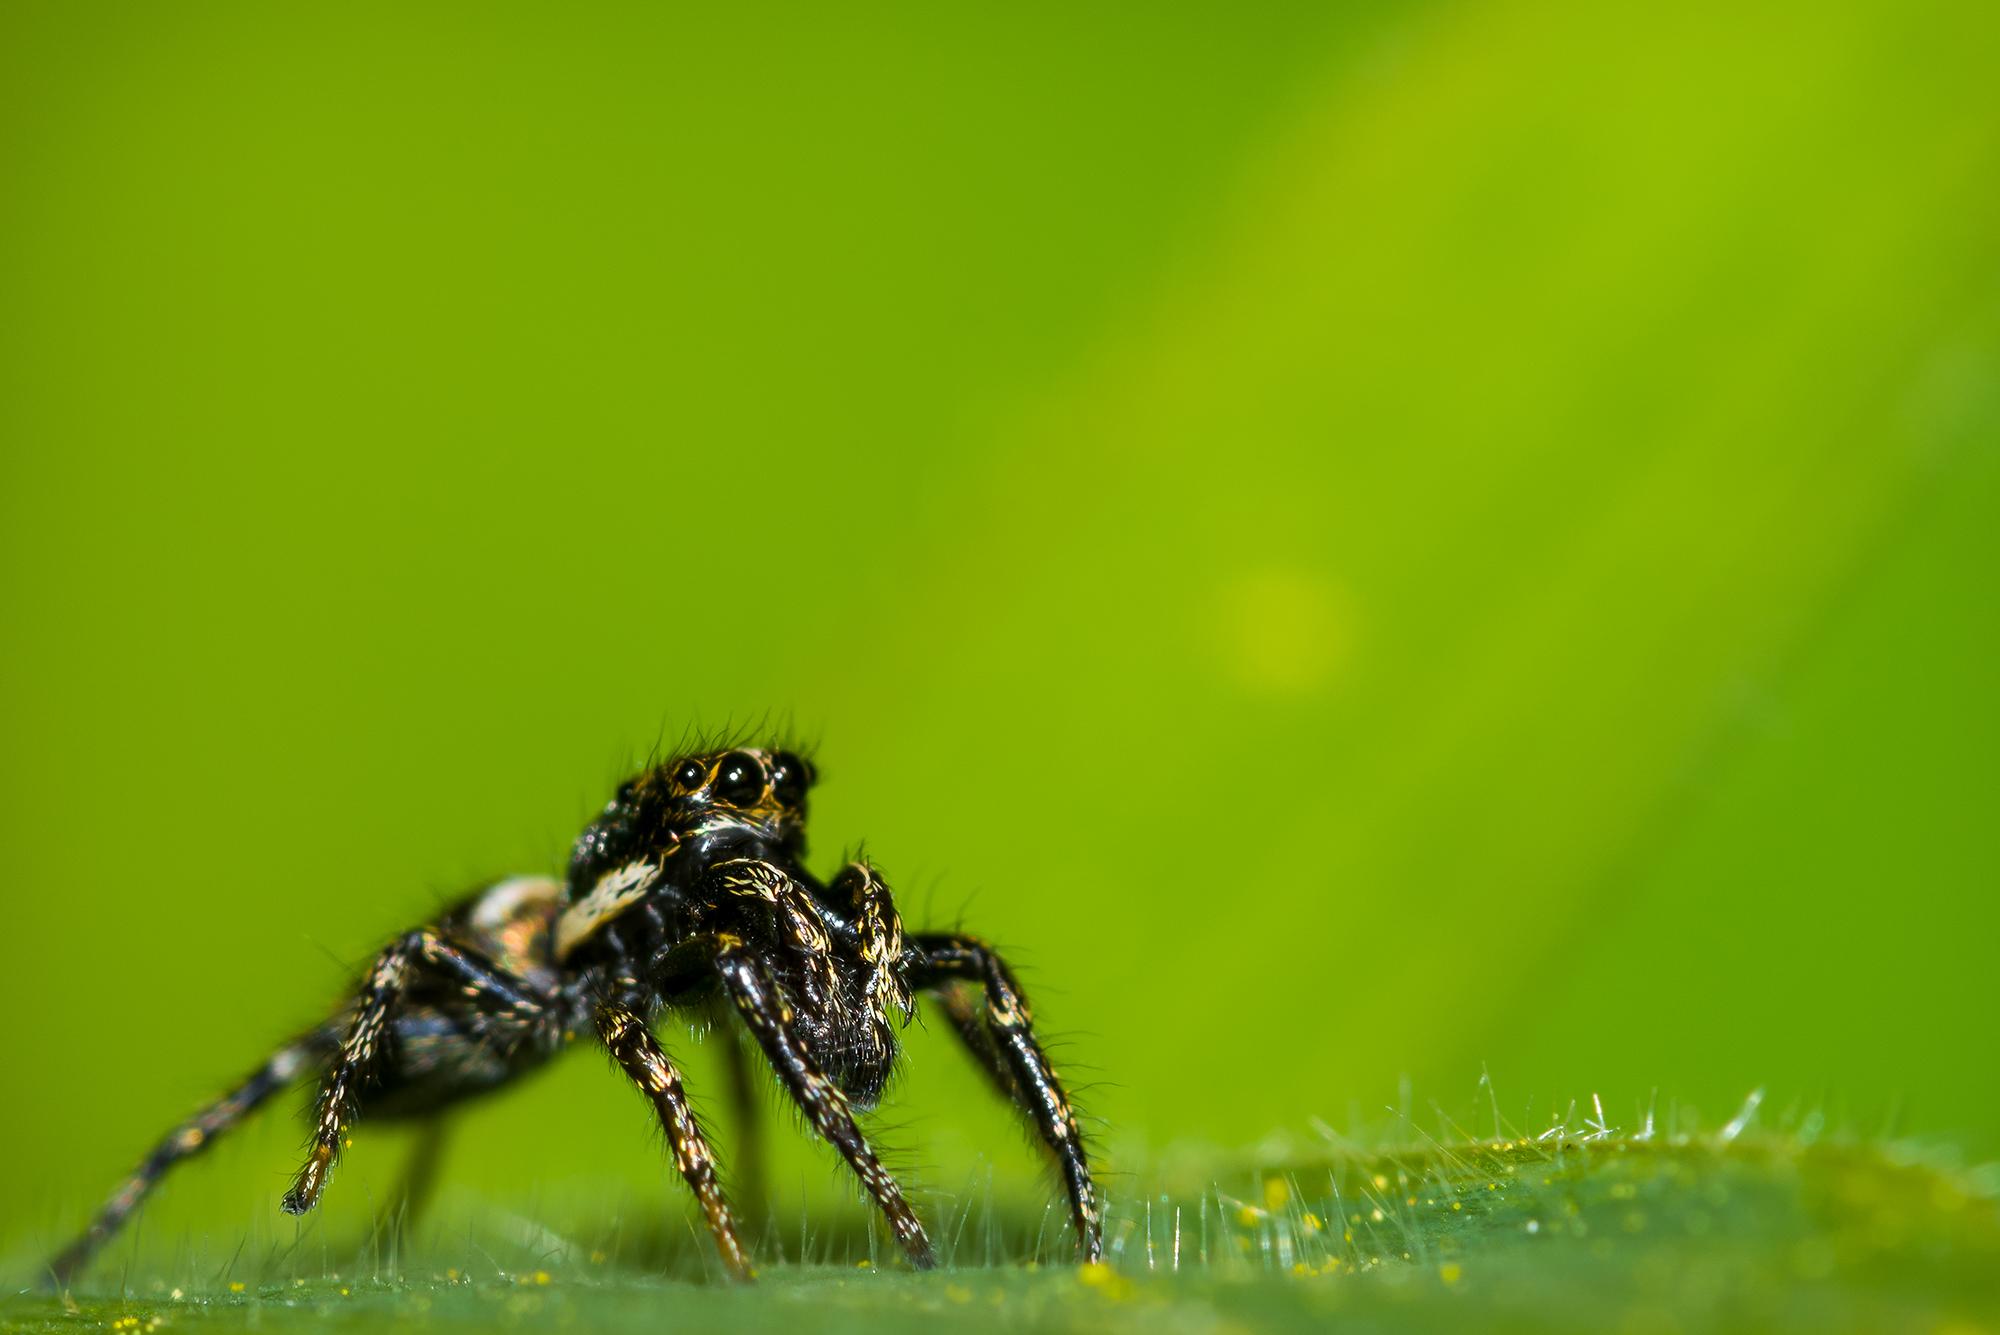 Portrait en macrophotographie d'une araignée sauteuse (Saltique héliophanus) à l'affût